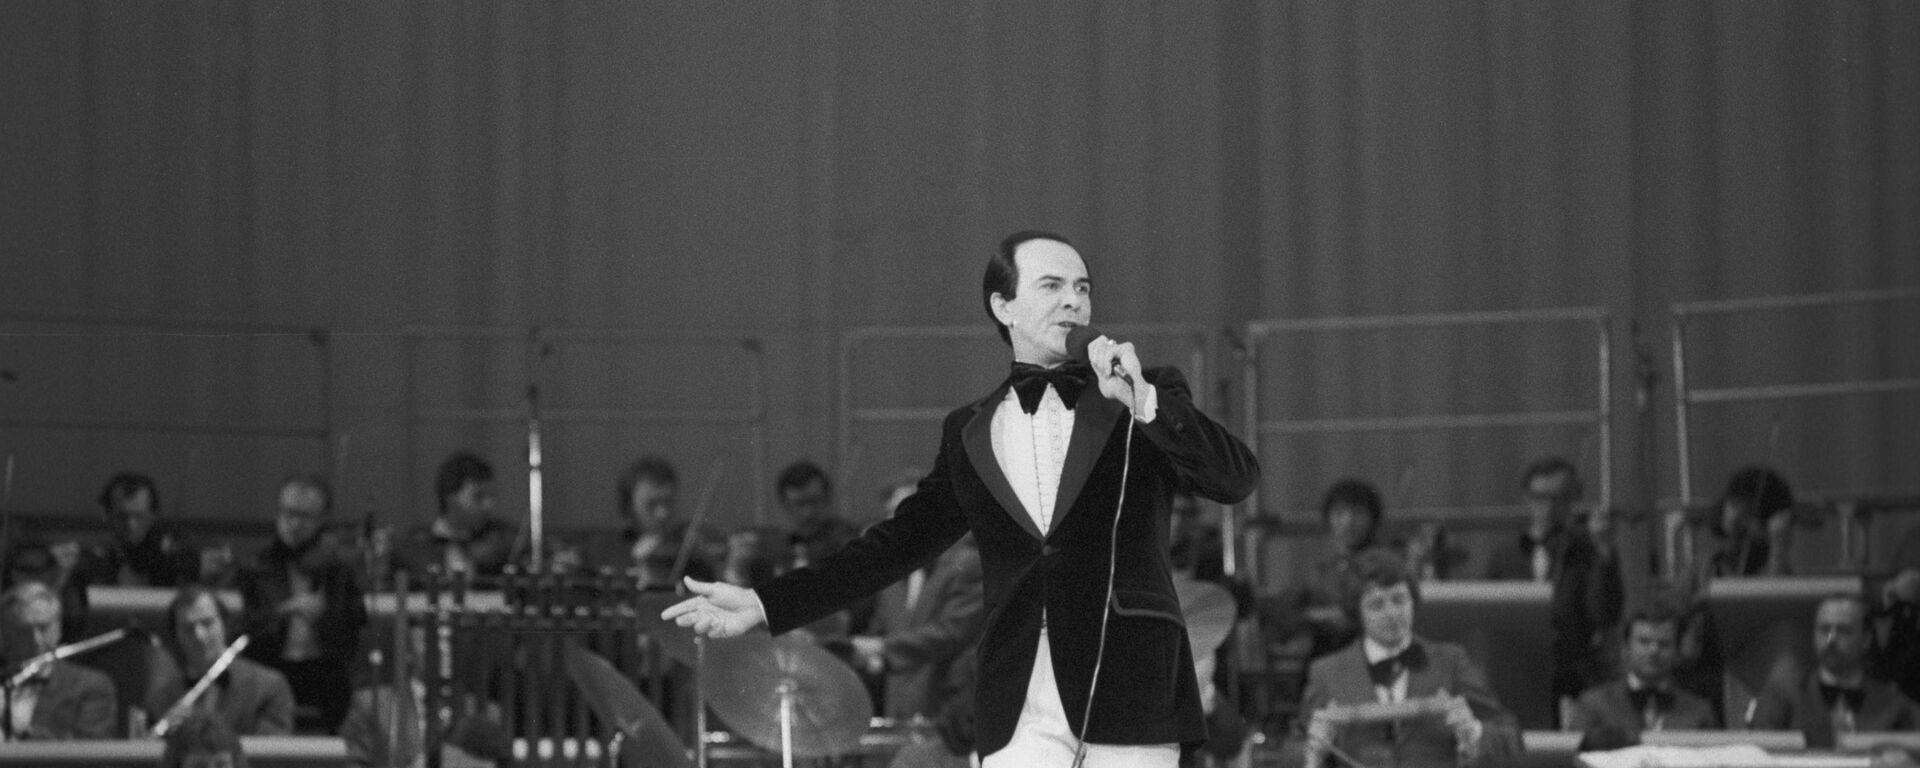 Советский оперный и эстрадный певец народный артист СССР Муслим Магометович Магомаев (1942 г. р.) выступает на концерте в рамках культурной программы Олимпиады-80. - Sputnik Азербайджан, 1920, 17.09.2021